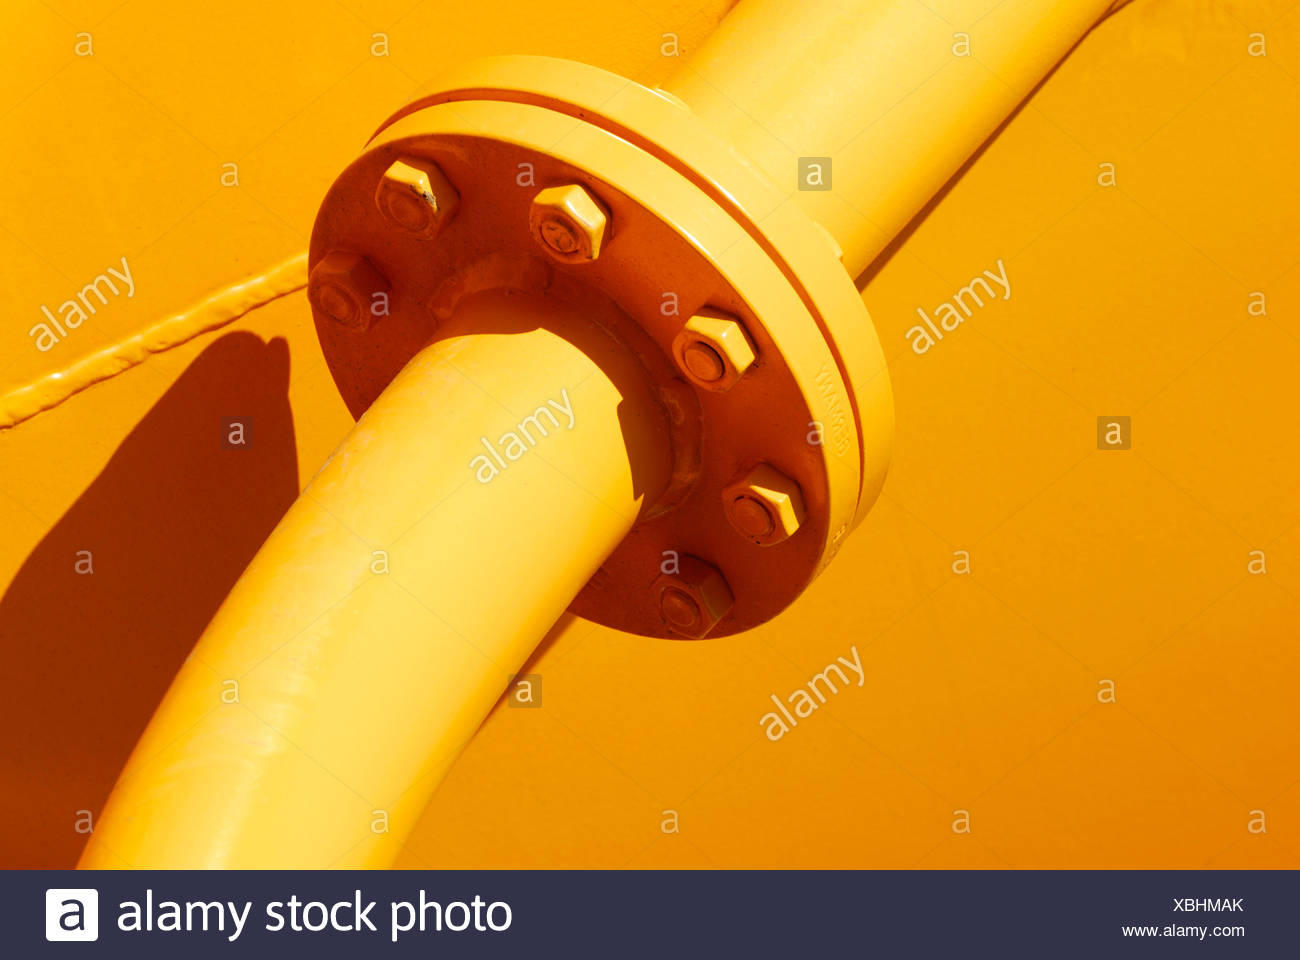 Tubos amarillos unido por tornillos en una brida, emmendingen, Baden Wuerttemberg, Alemania Imagen De Stock